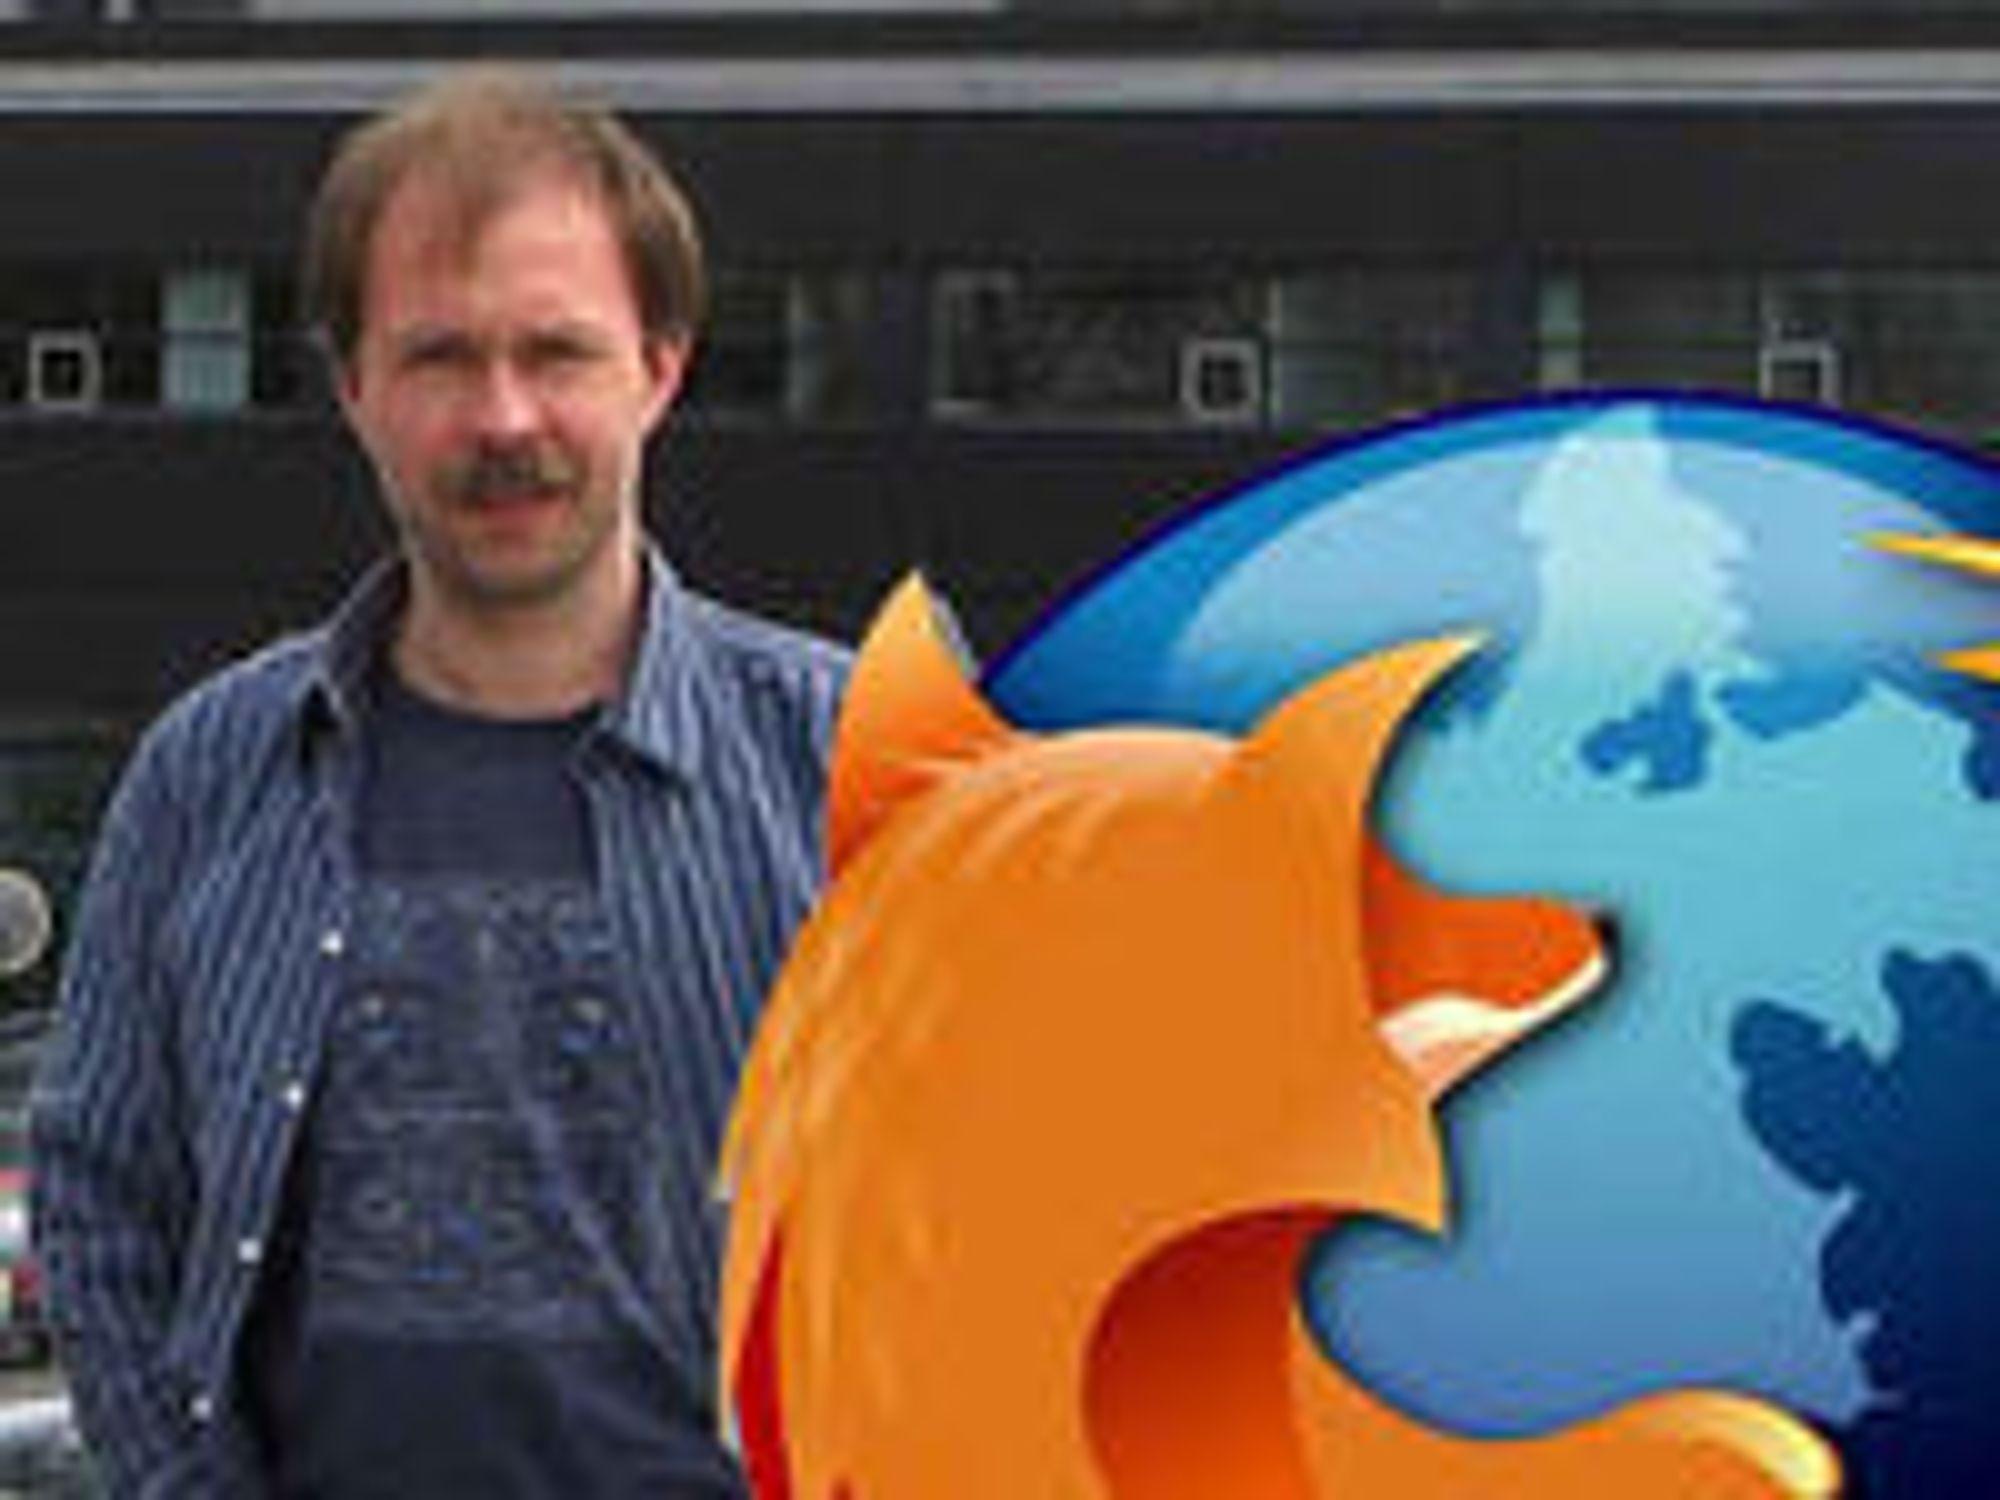 RUnit og Bjarne Geir Herland fikk kontrakt med Mozilla.